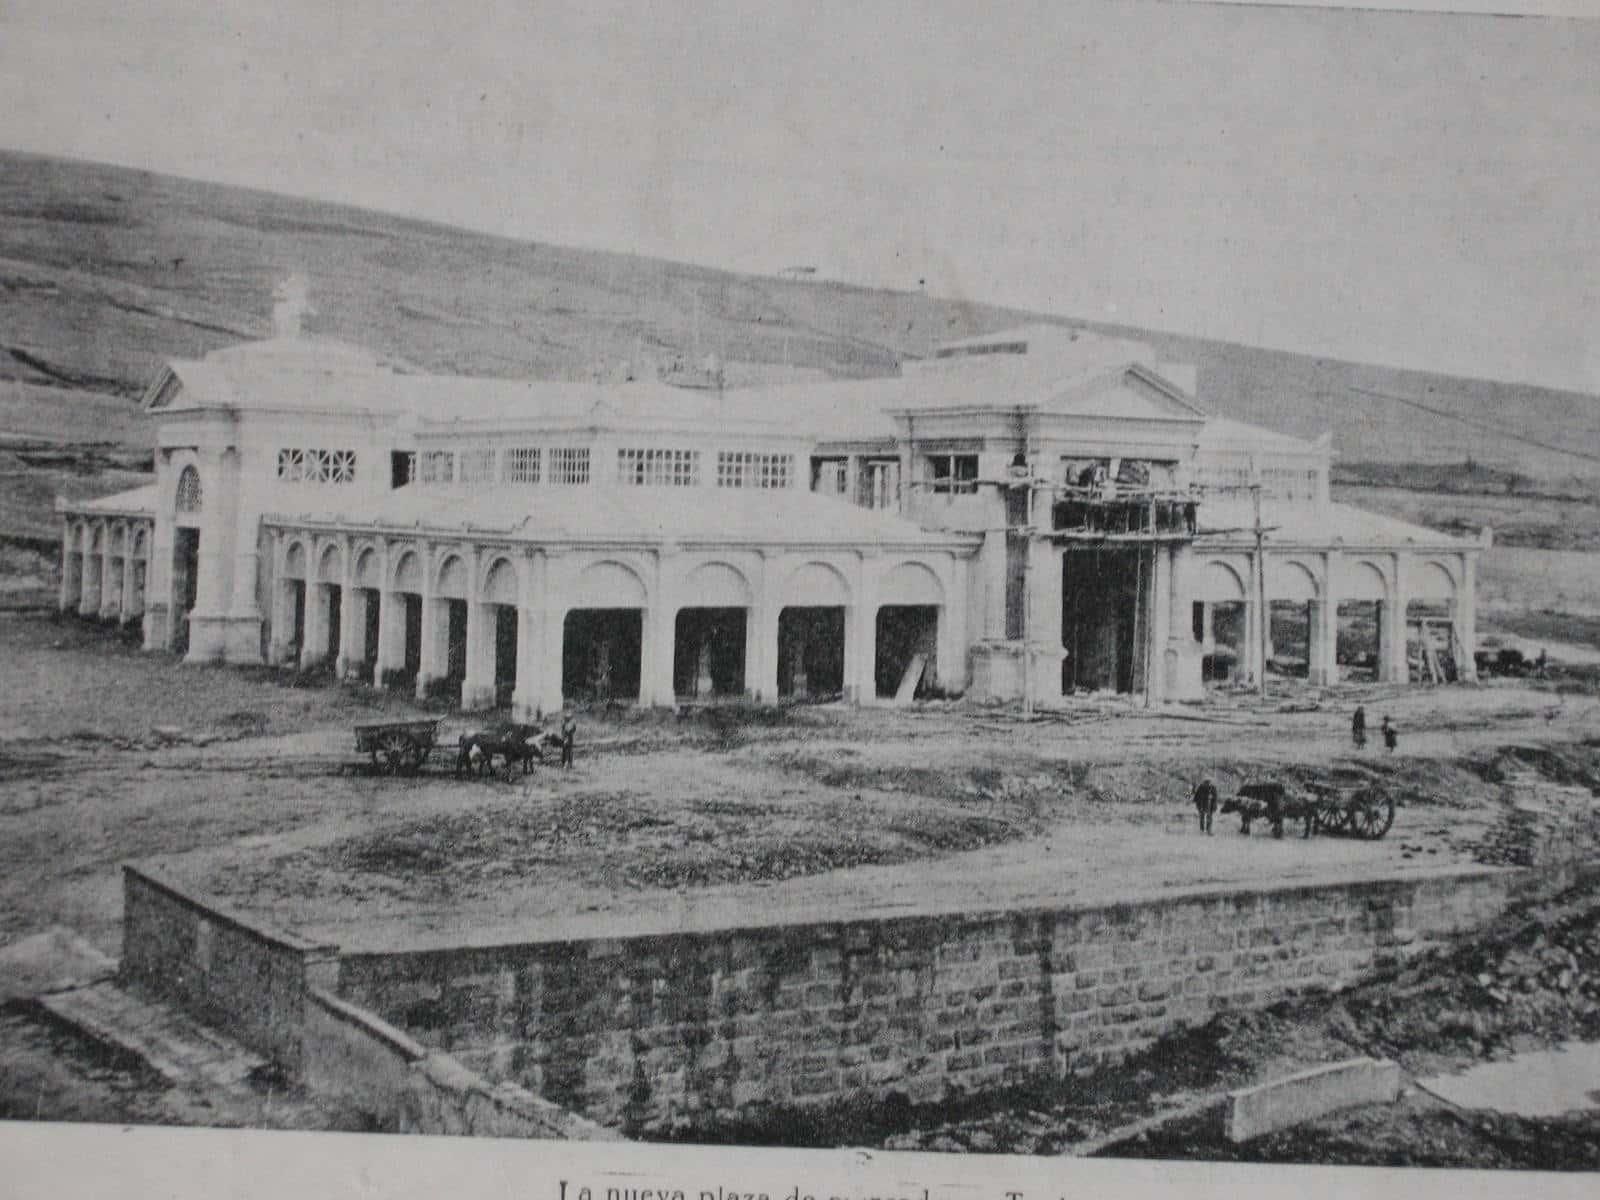 Esta foto corresponde a la construcción de la Plaza de mercado en 1918, hoy el lugar es conocido como Plaza Real. Foto: Archivo Digital de Tunja.